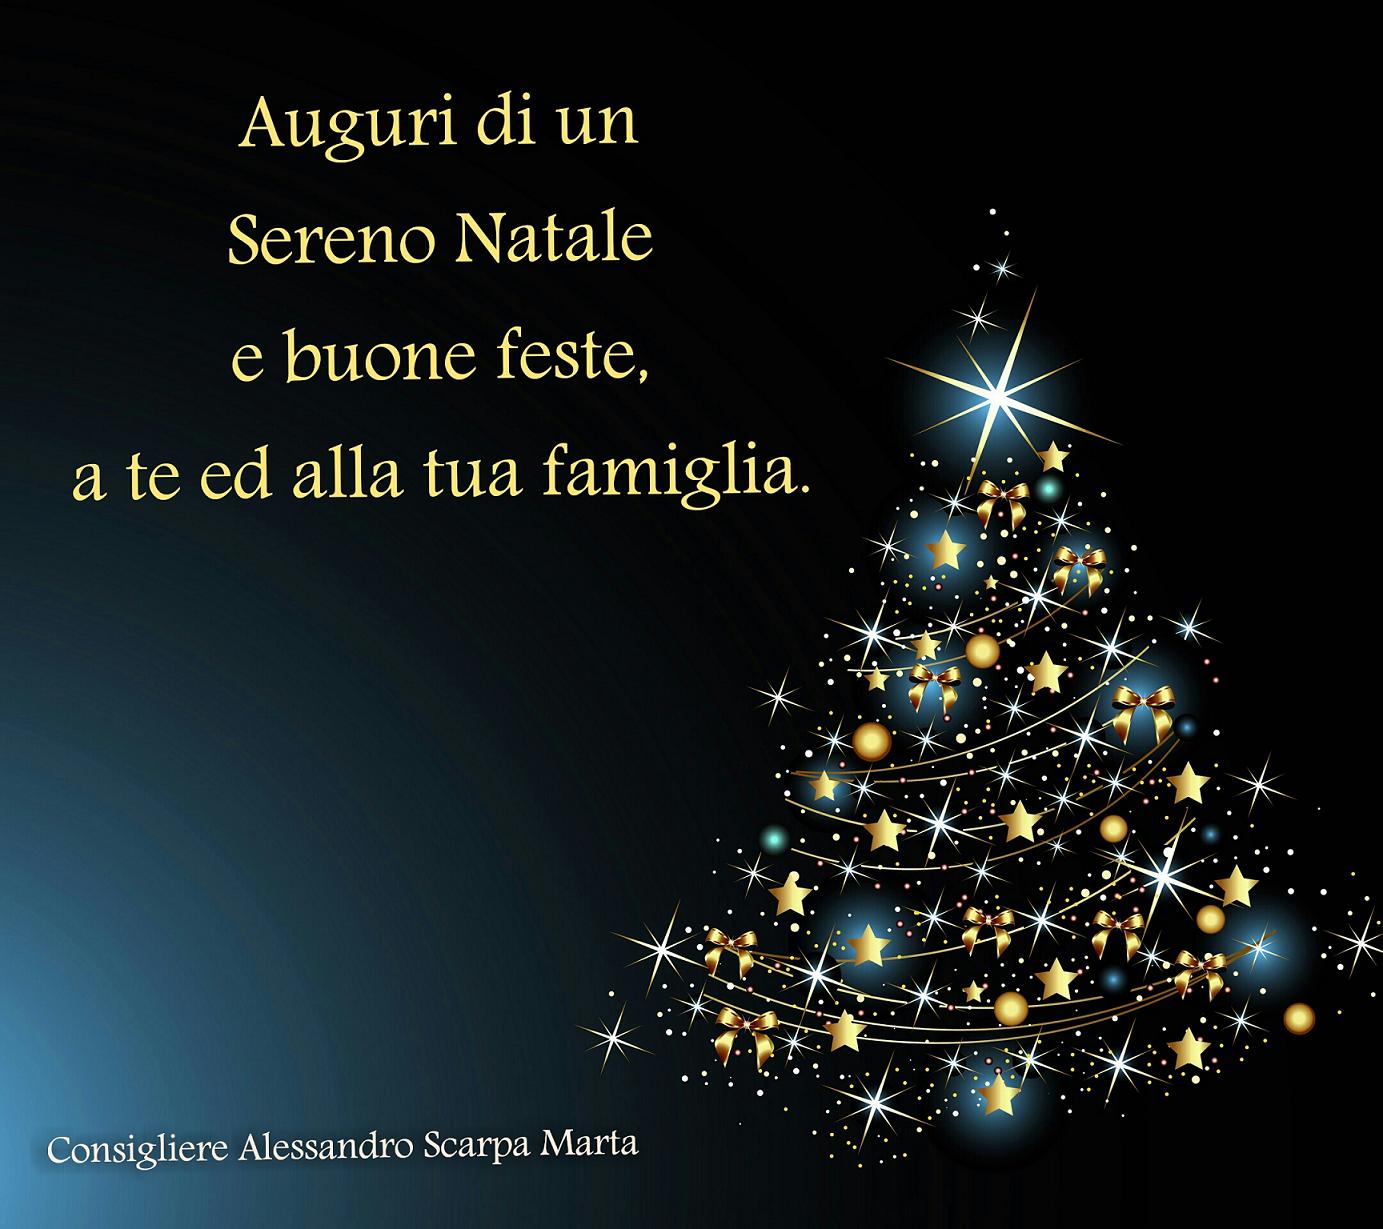 Auguri Di Buon Natale Alla Famiglia.Buon Natale A Tutti Voi Alessandro Scarpa Marta